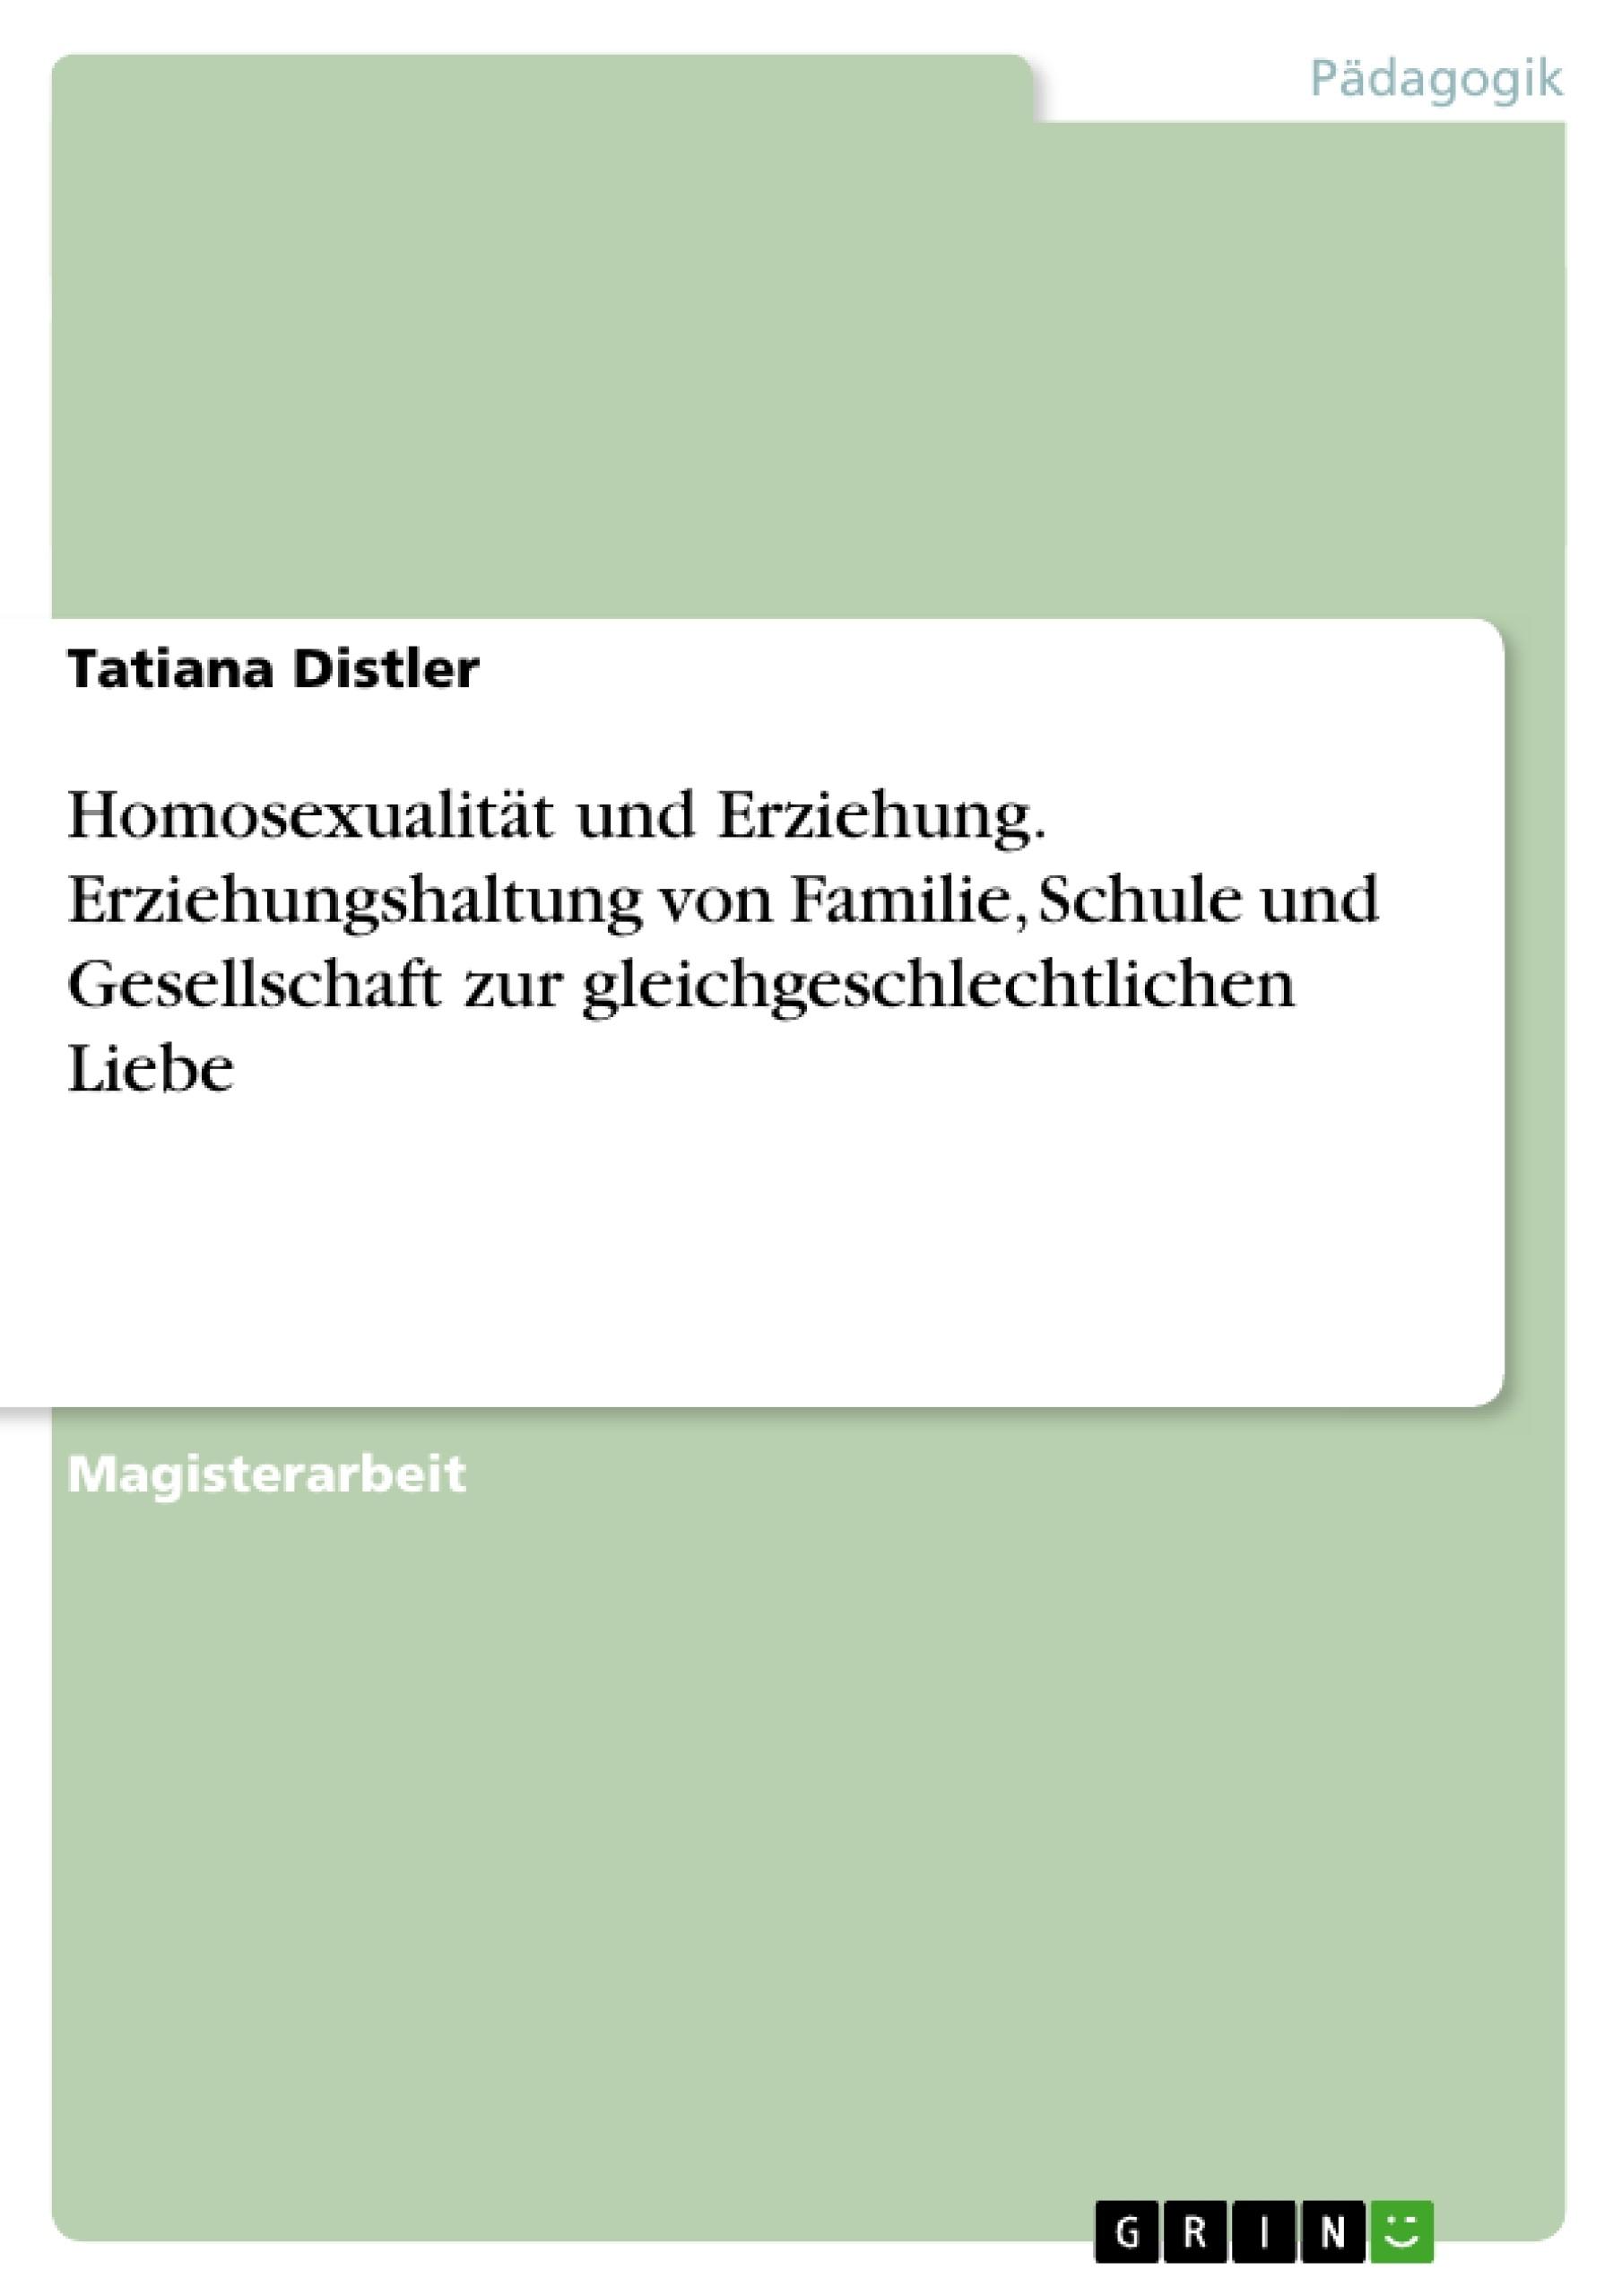 Titel: Homosexualität und Erziehung. Erziehungshaltung von Familie, Schule und Gesellschaft zur gleichgeschlechtlichen Liebe